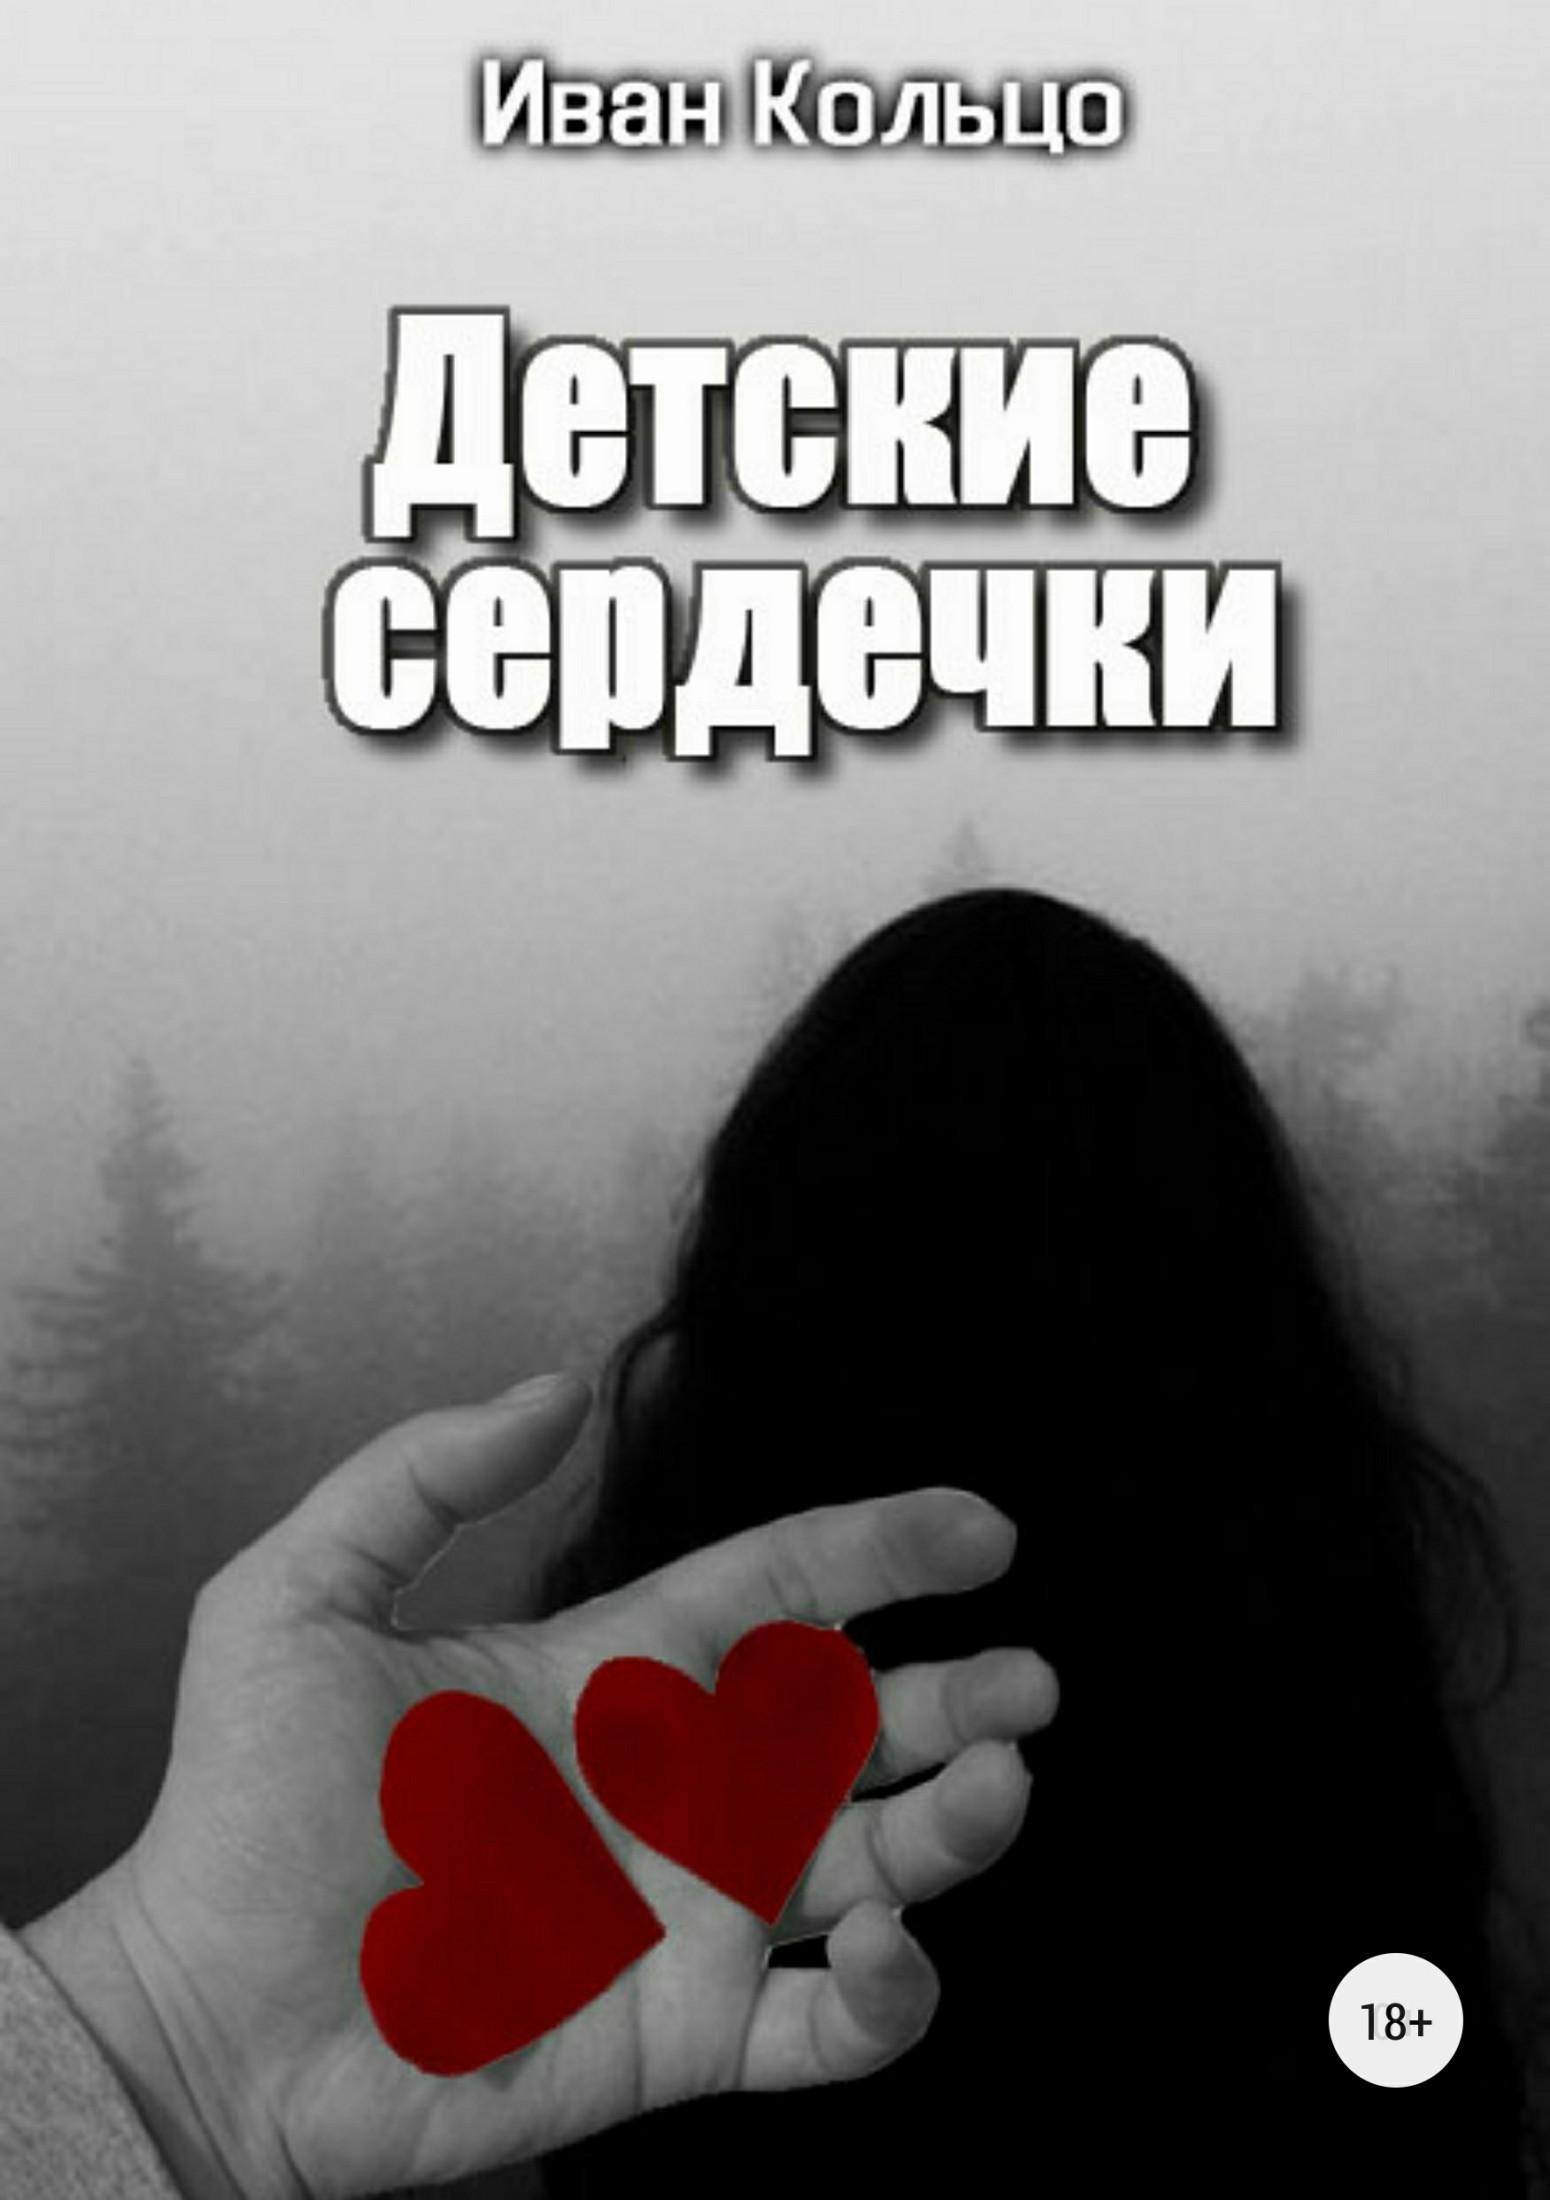 Иван Кольцо. Детские сердечки